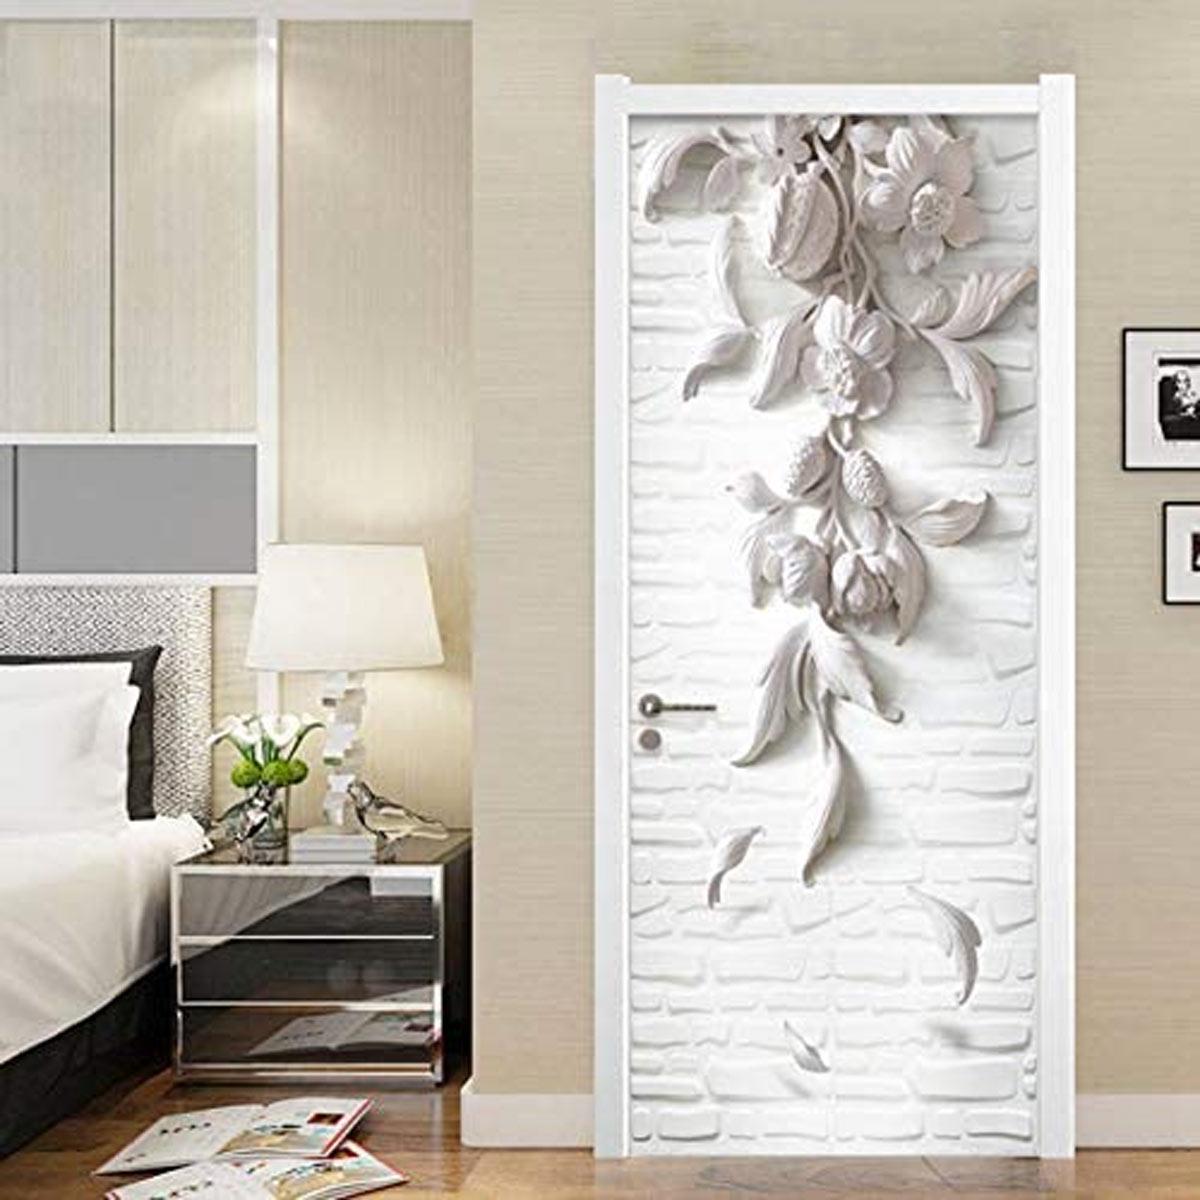 Porta originale decorata con sticker adesivo.